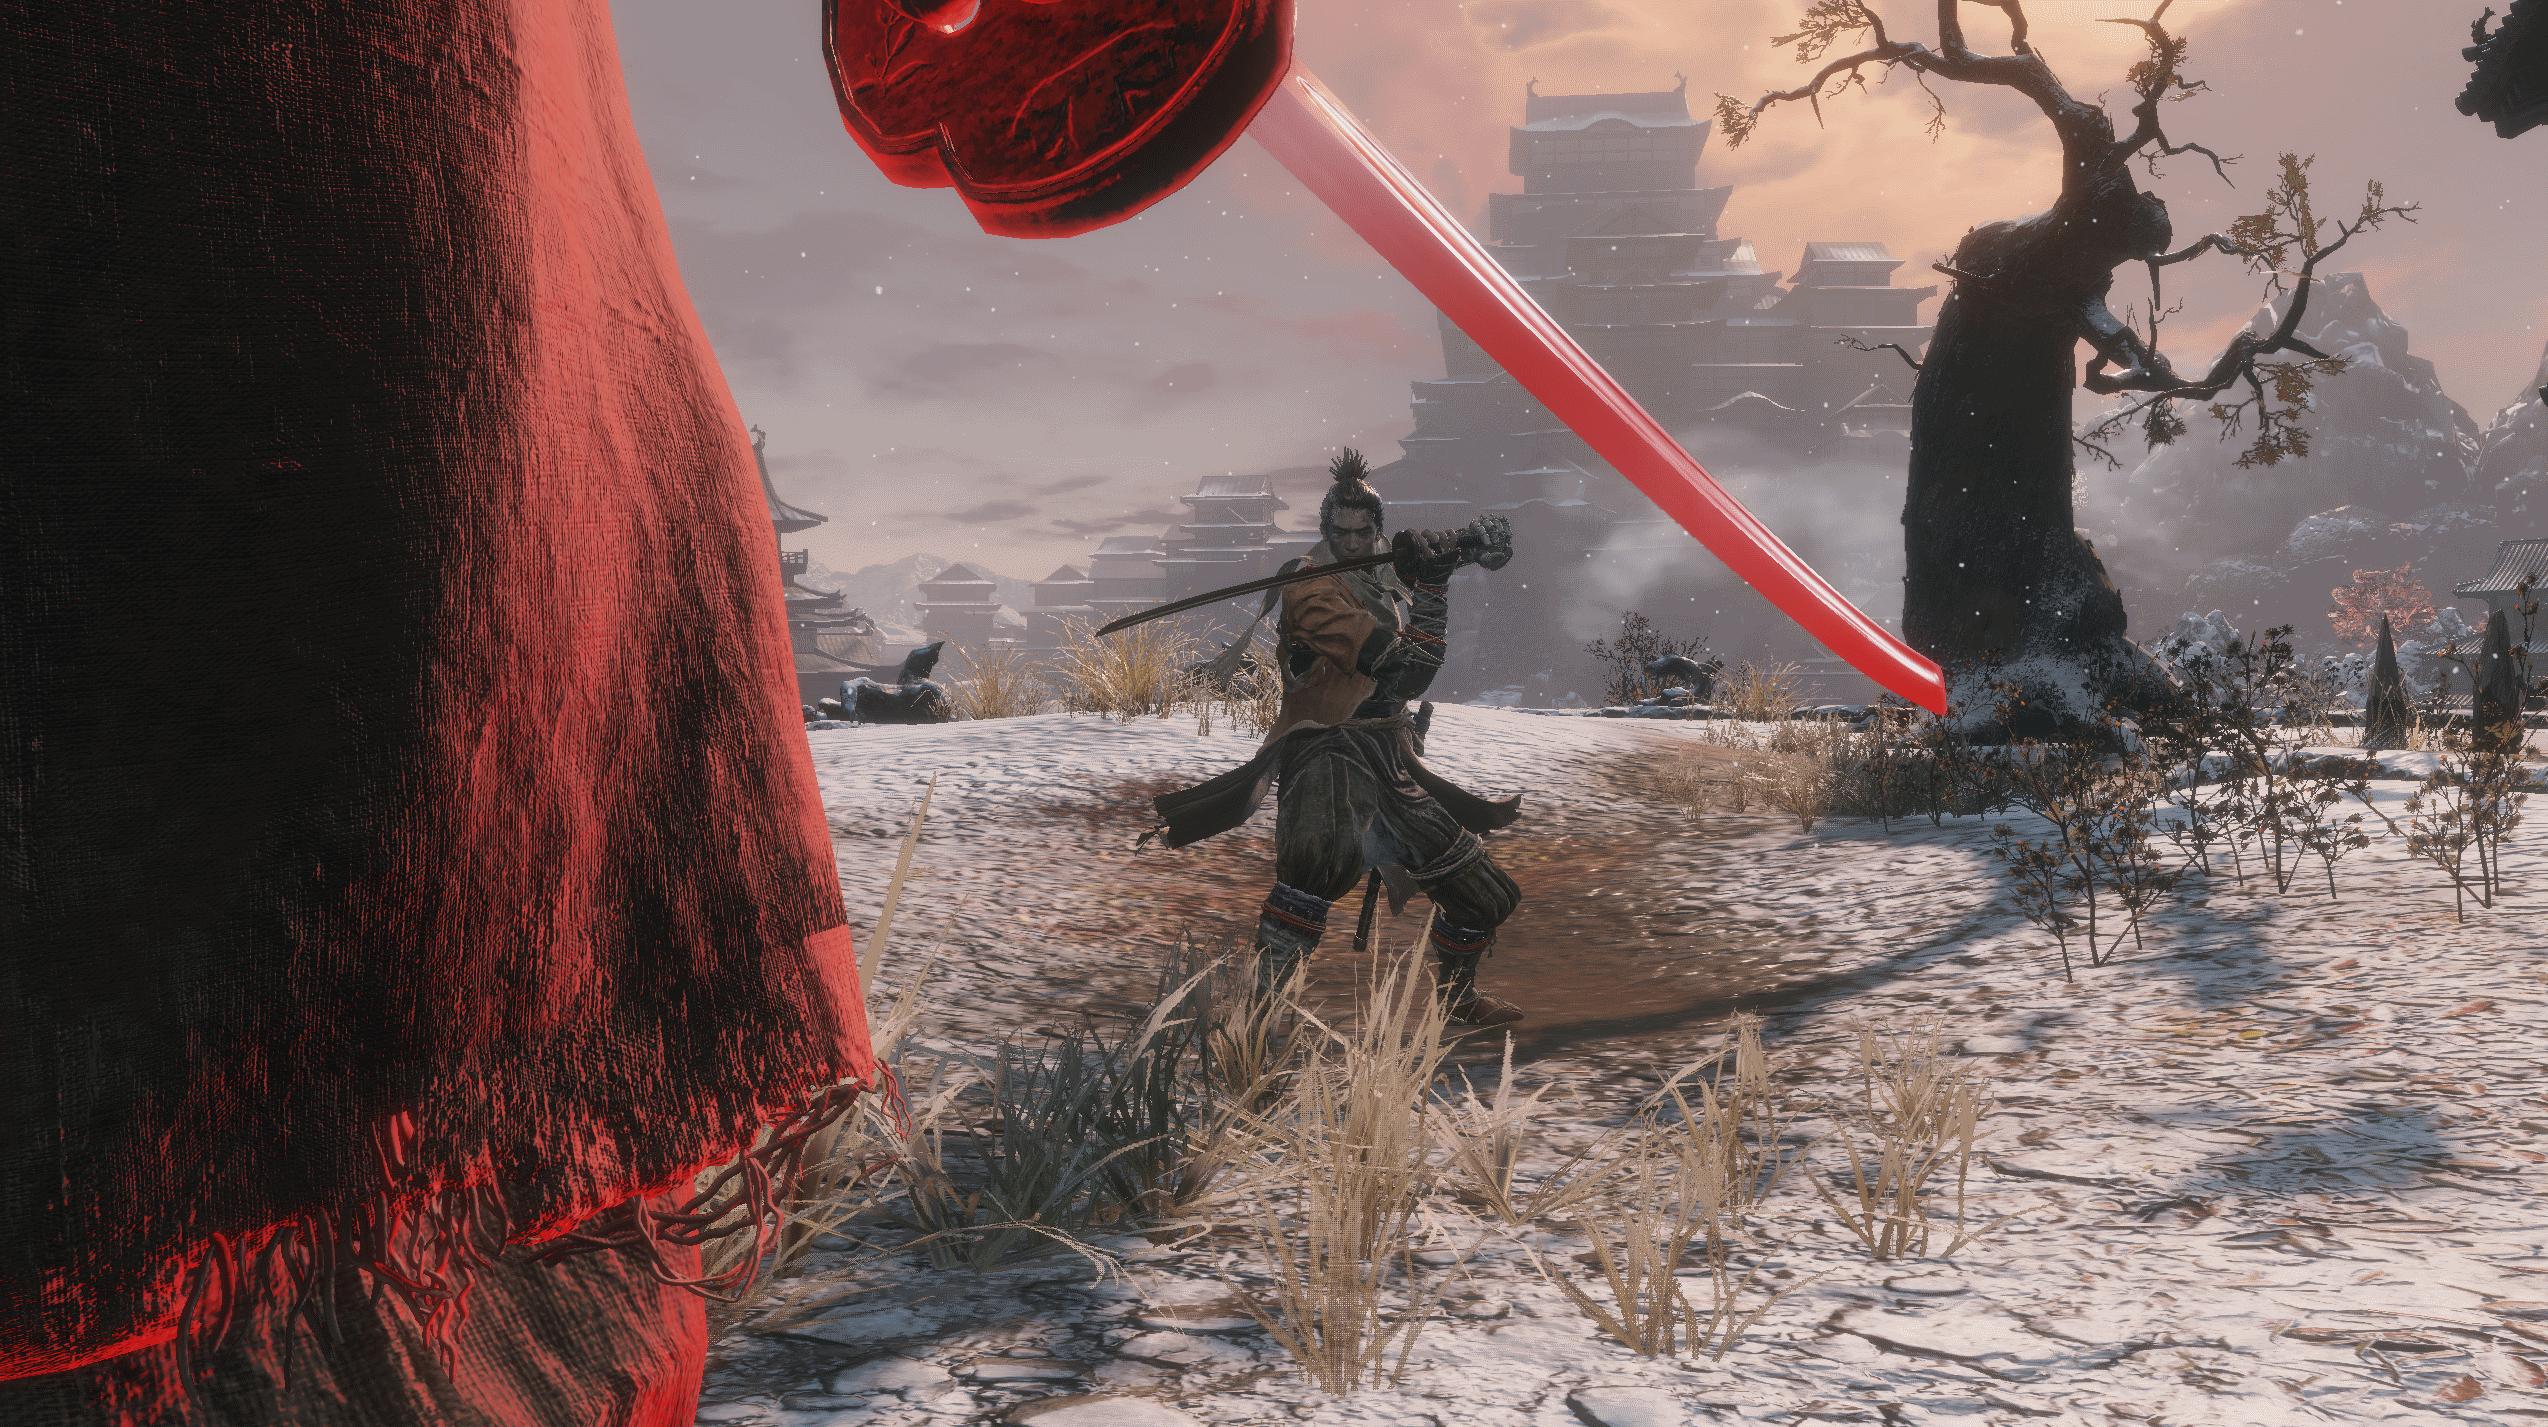 《隻狼》連線Mod推出新版本 主機死亡時不再給幻影獎勵